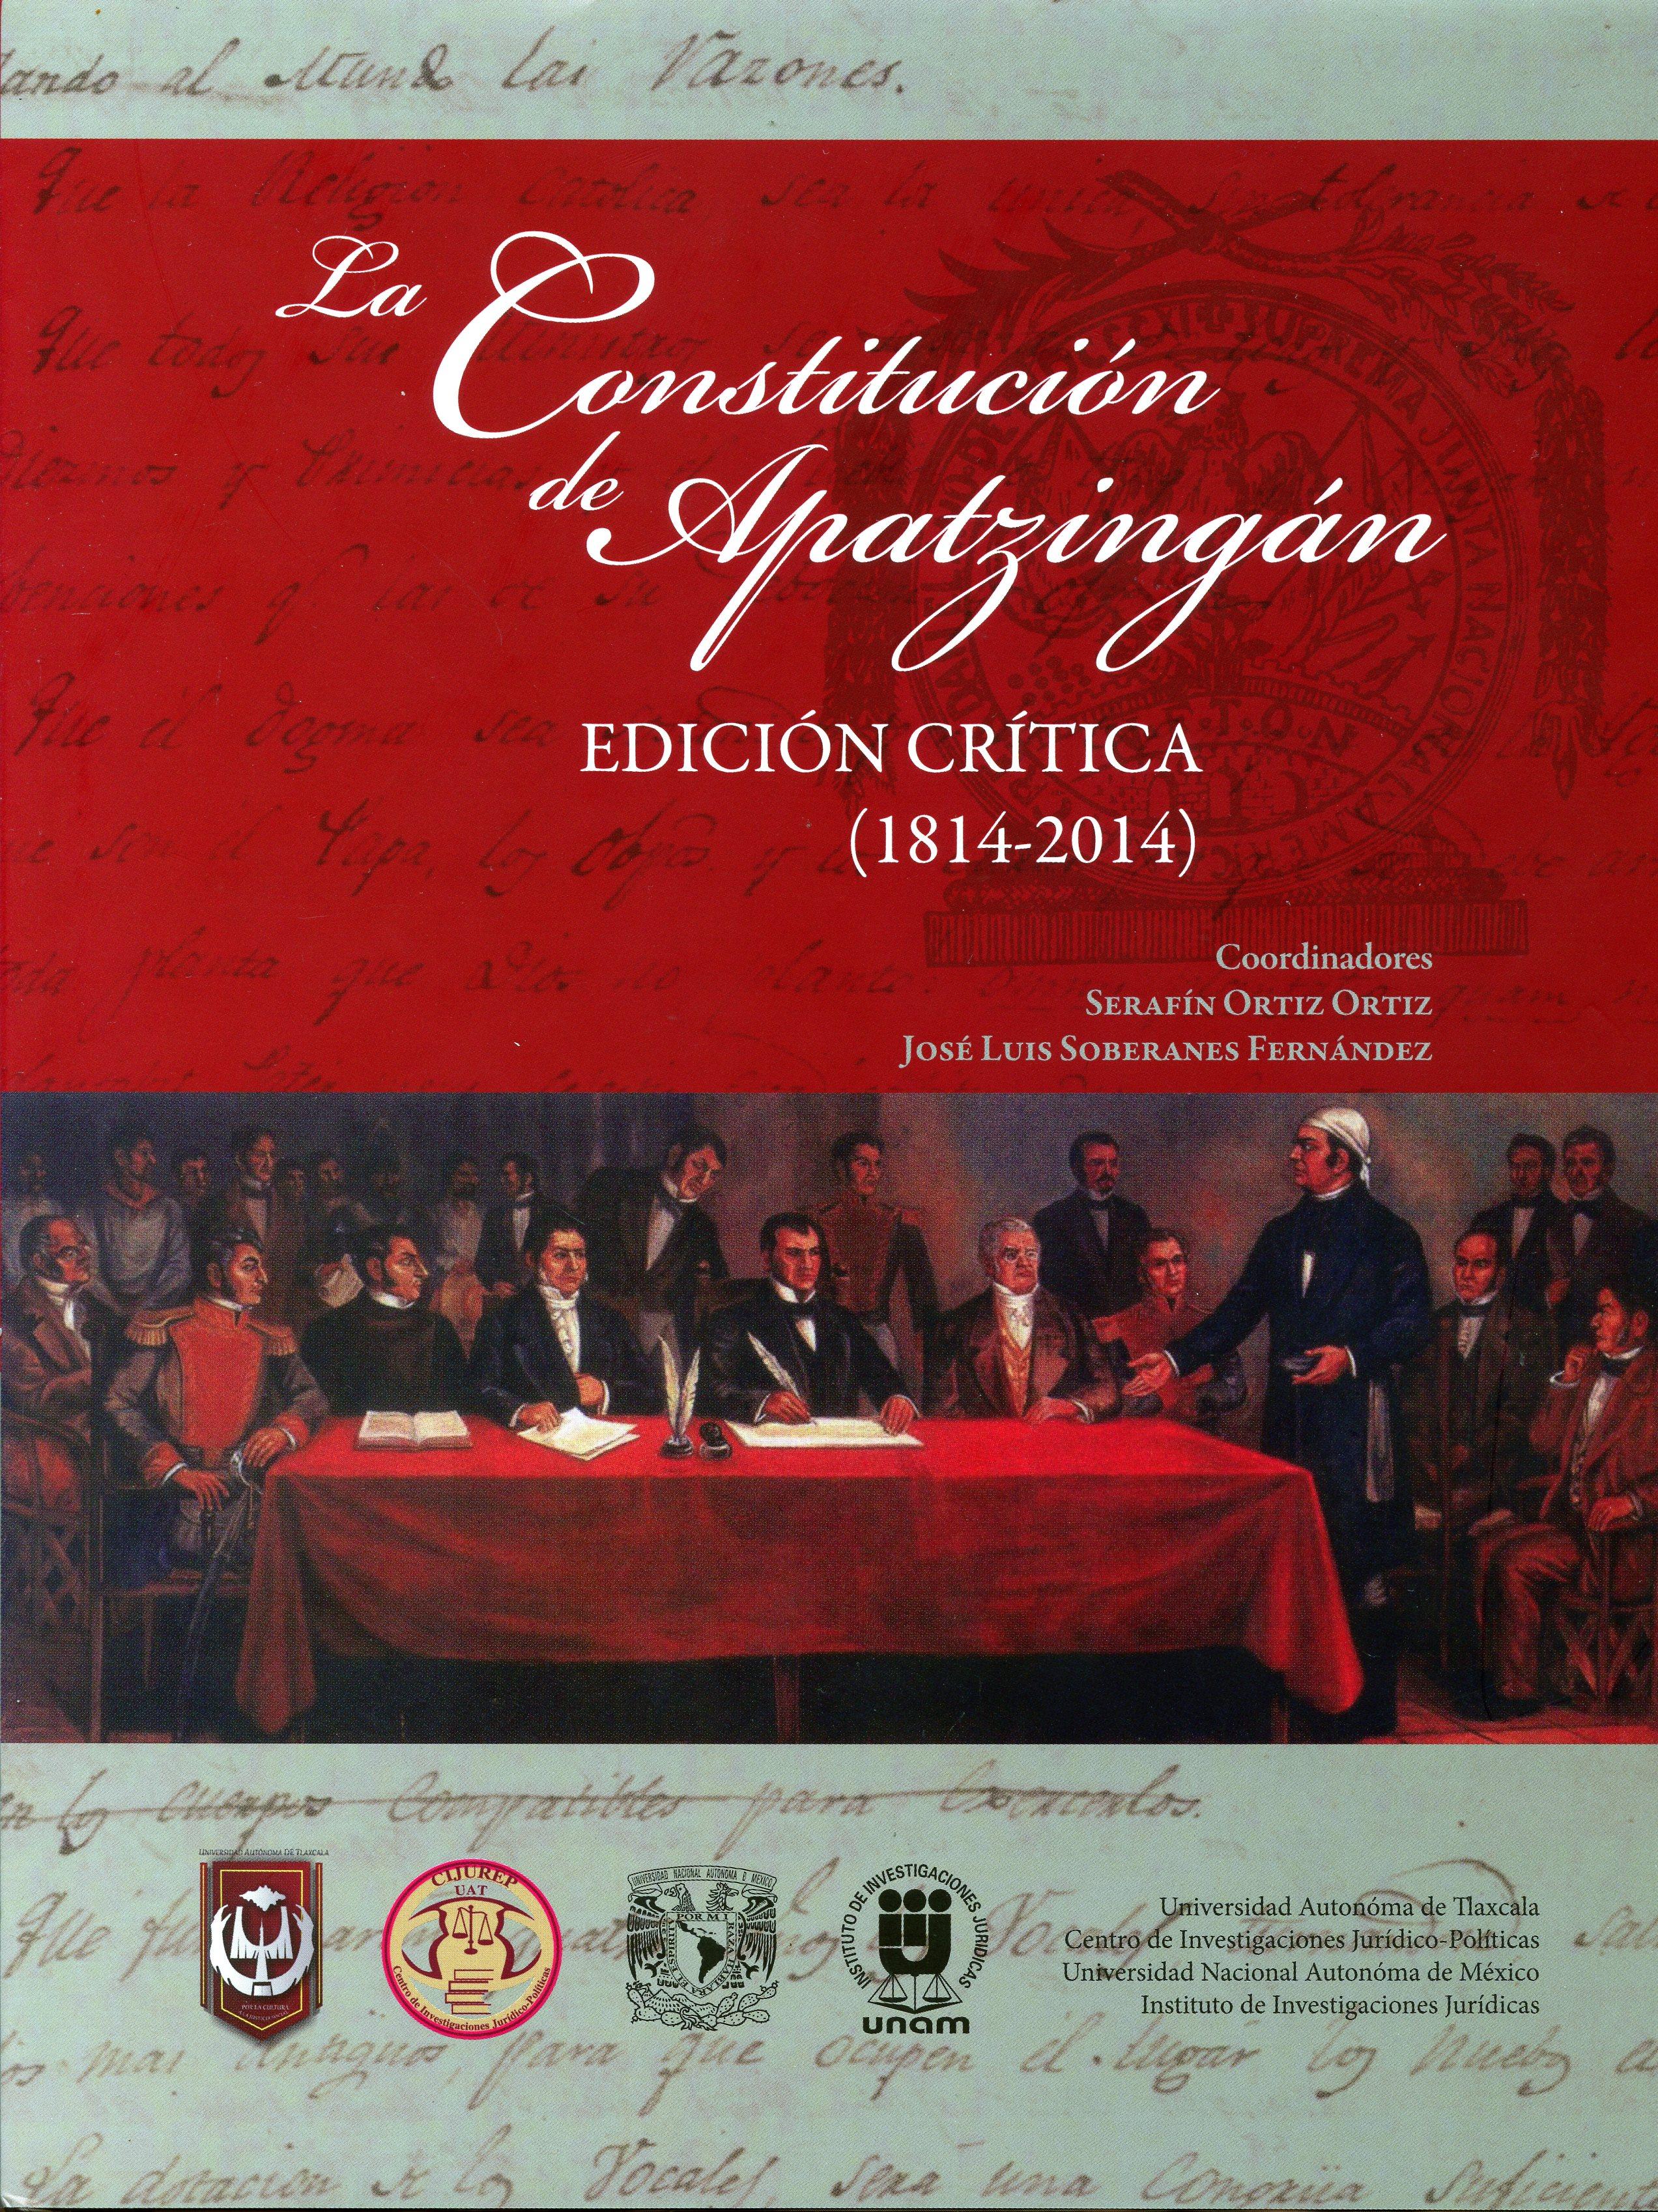 La Constitución de Apatzingán. Edición crítica (1814-2014)